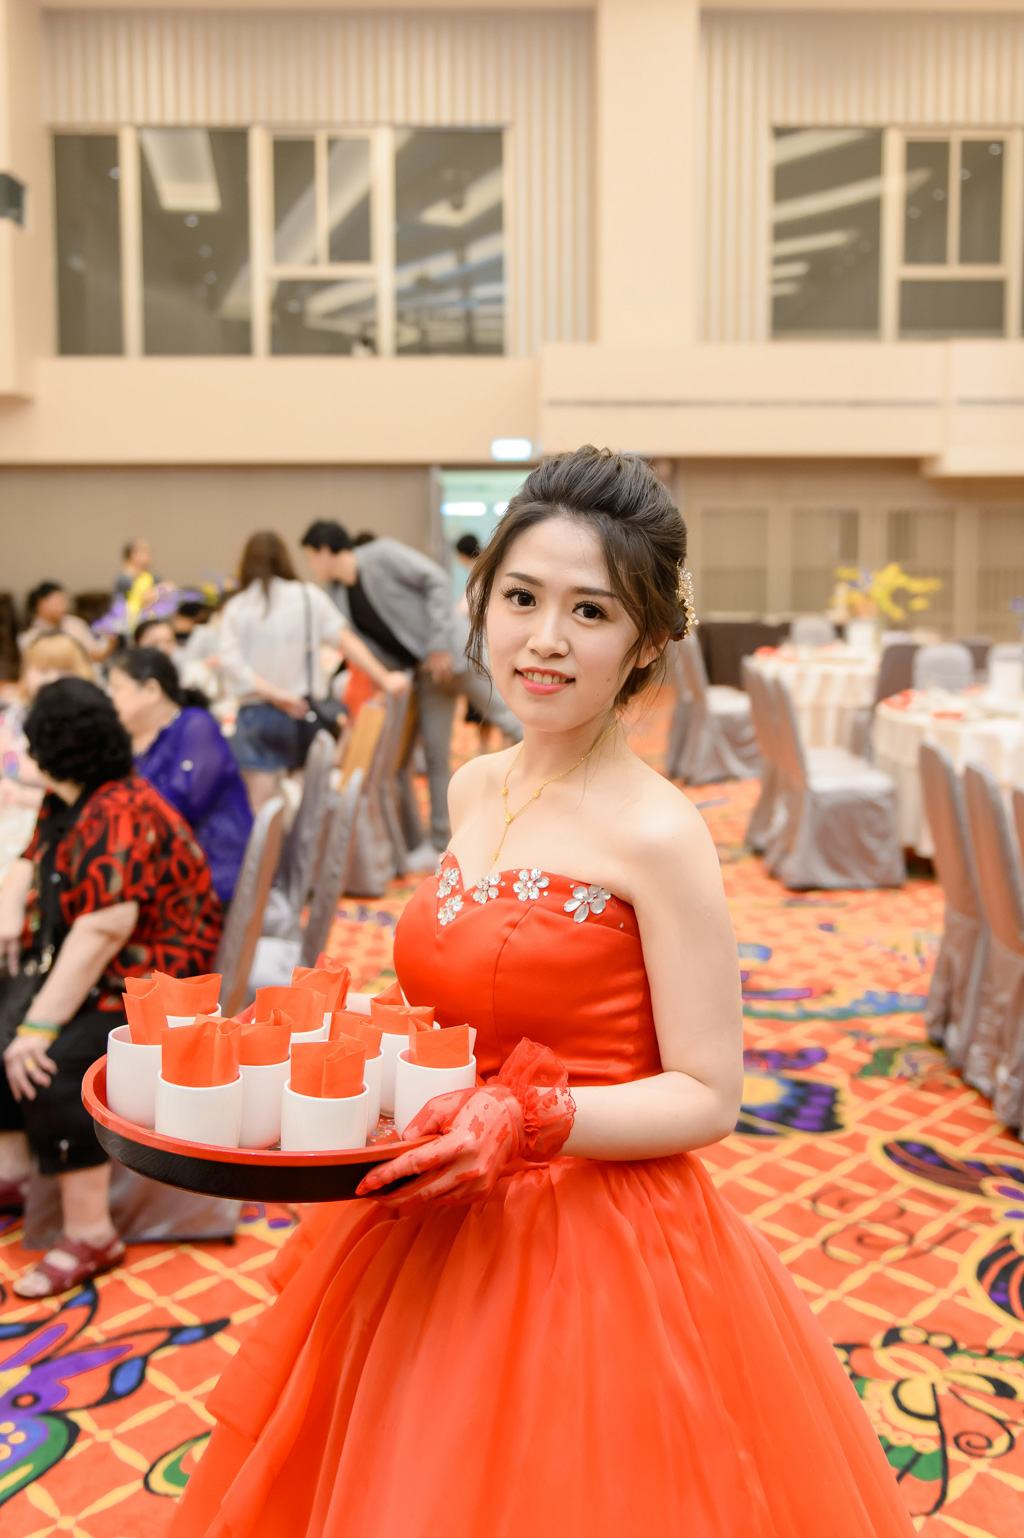 婚攝小勇, 小寶團隊, 台北婚攝, 新竹風采, 新竹風采婚宴, 新竹風采婚攝, wedding day-017